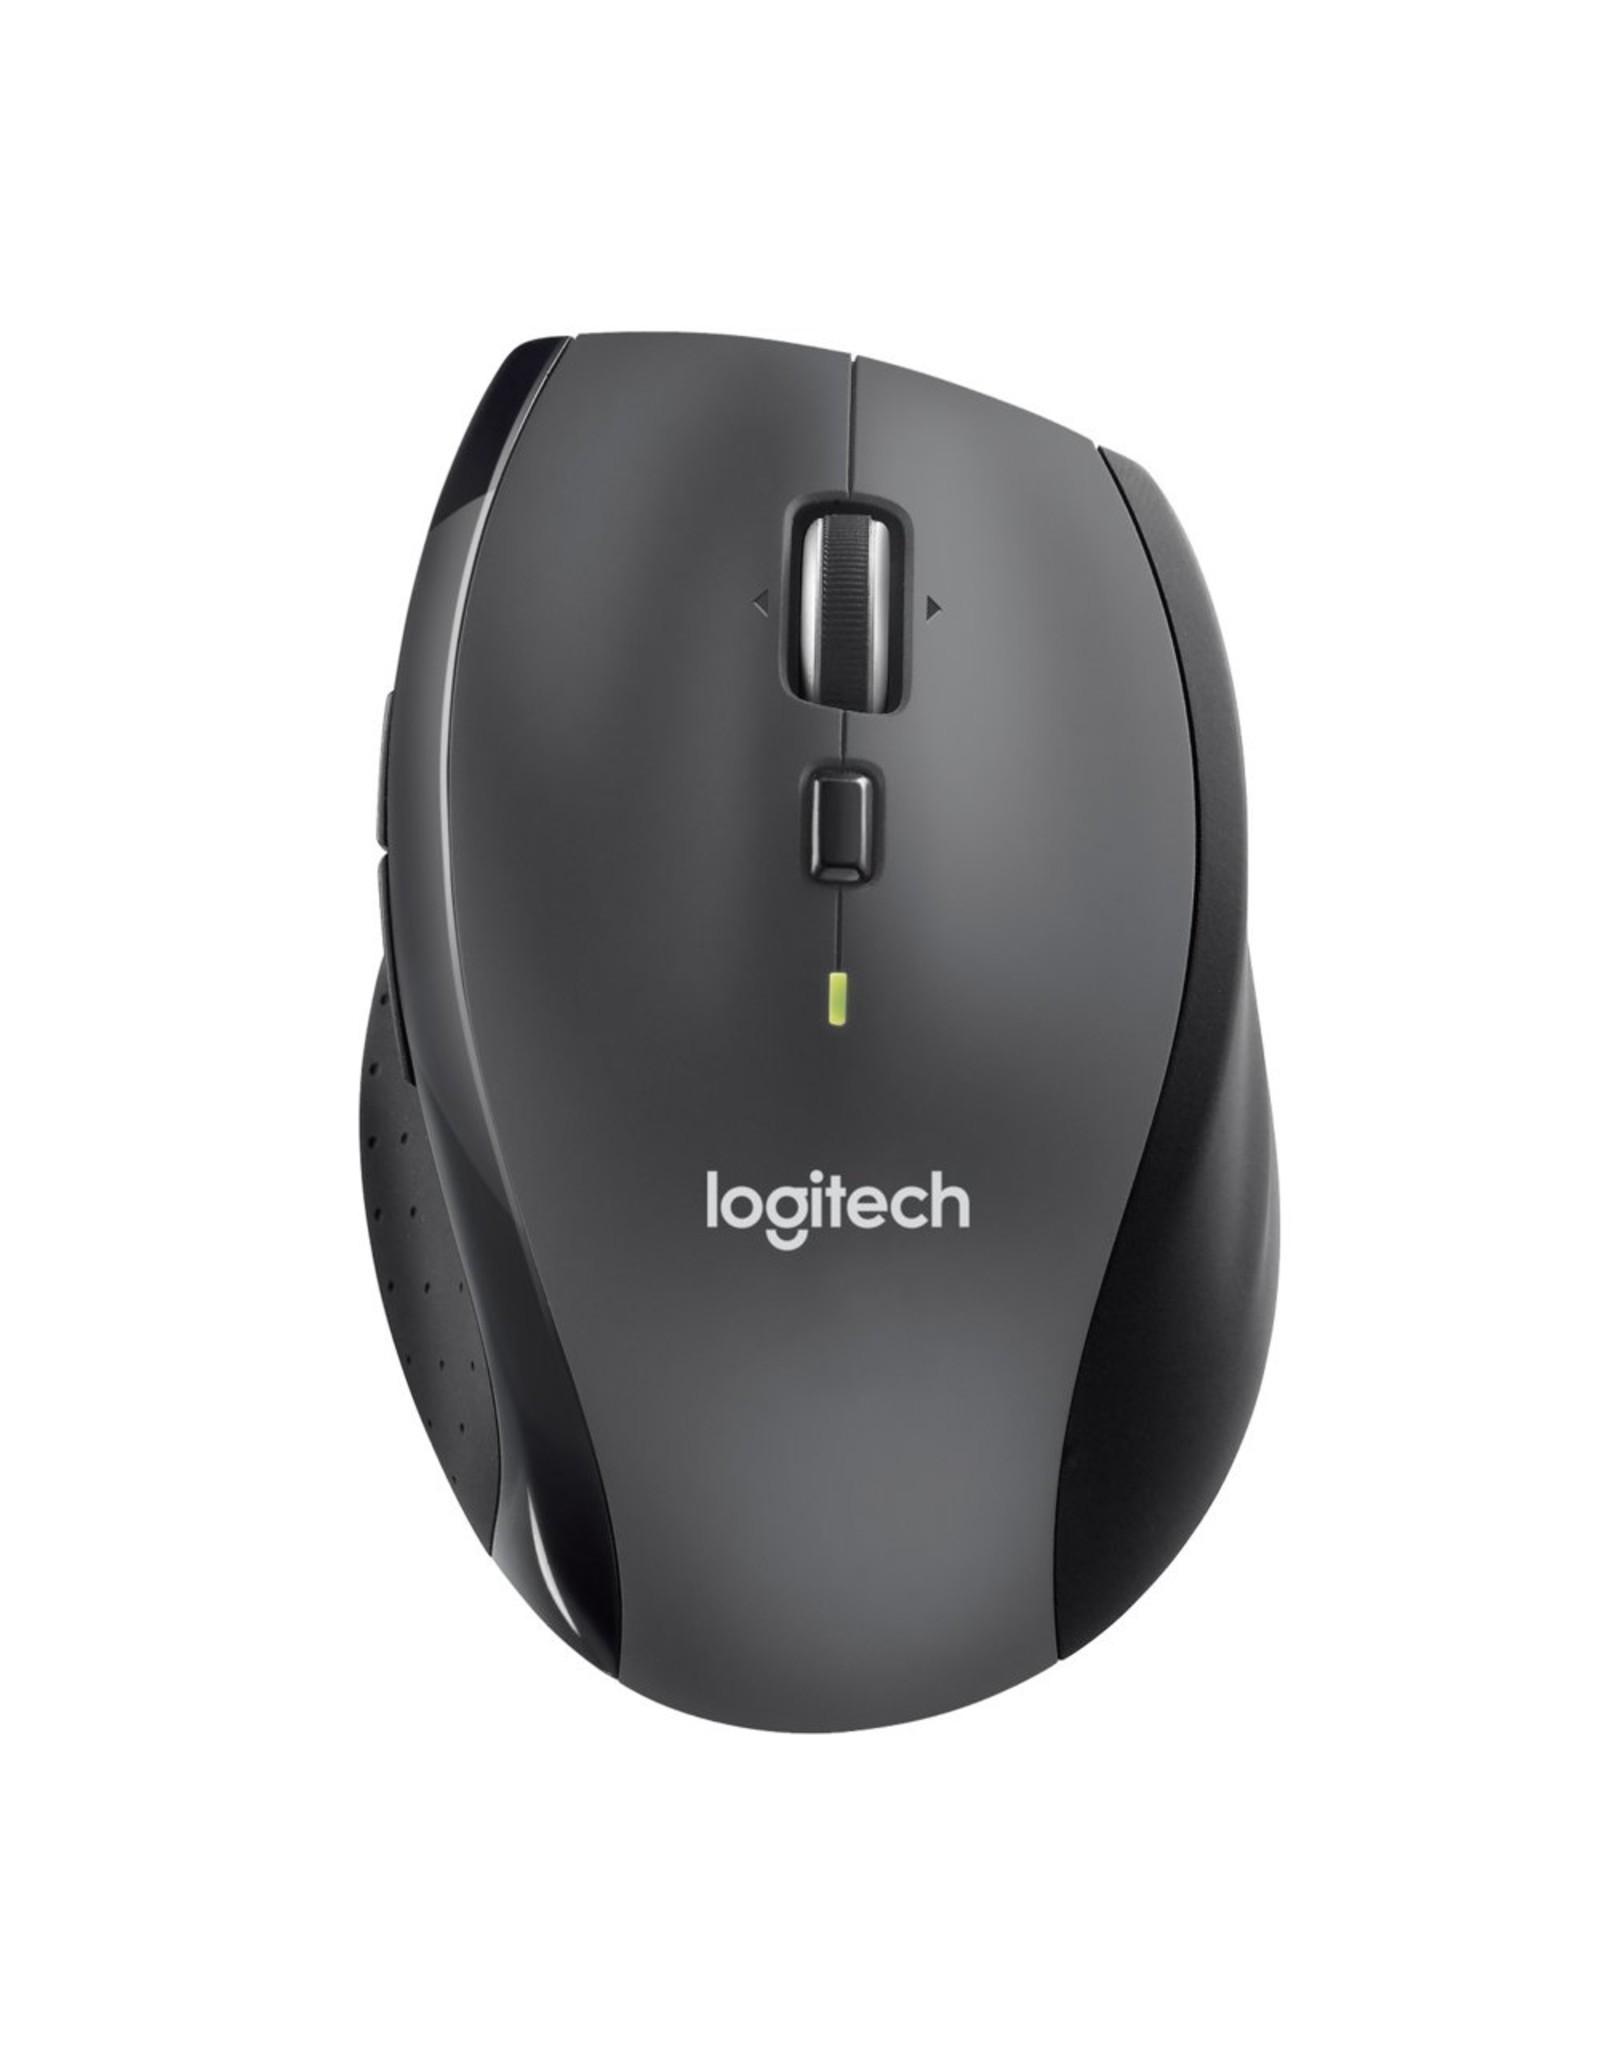 Logitech ret. Marathon Mouse M705